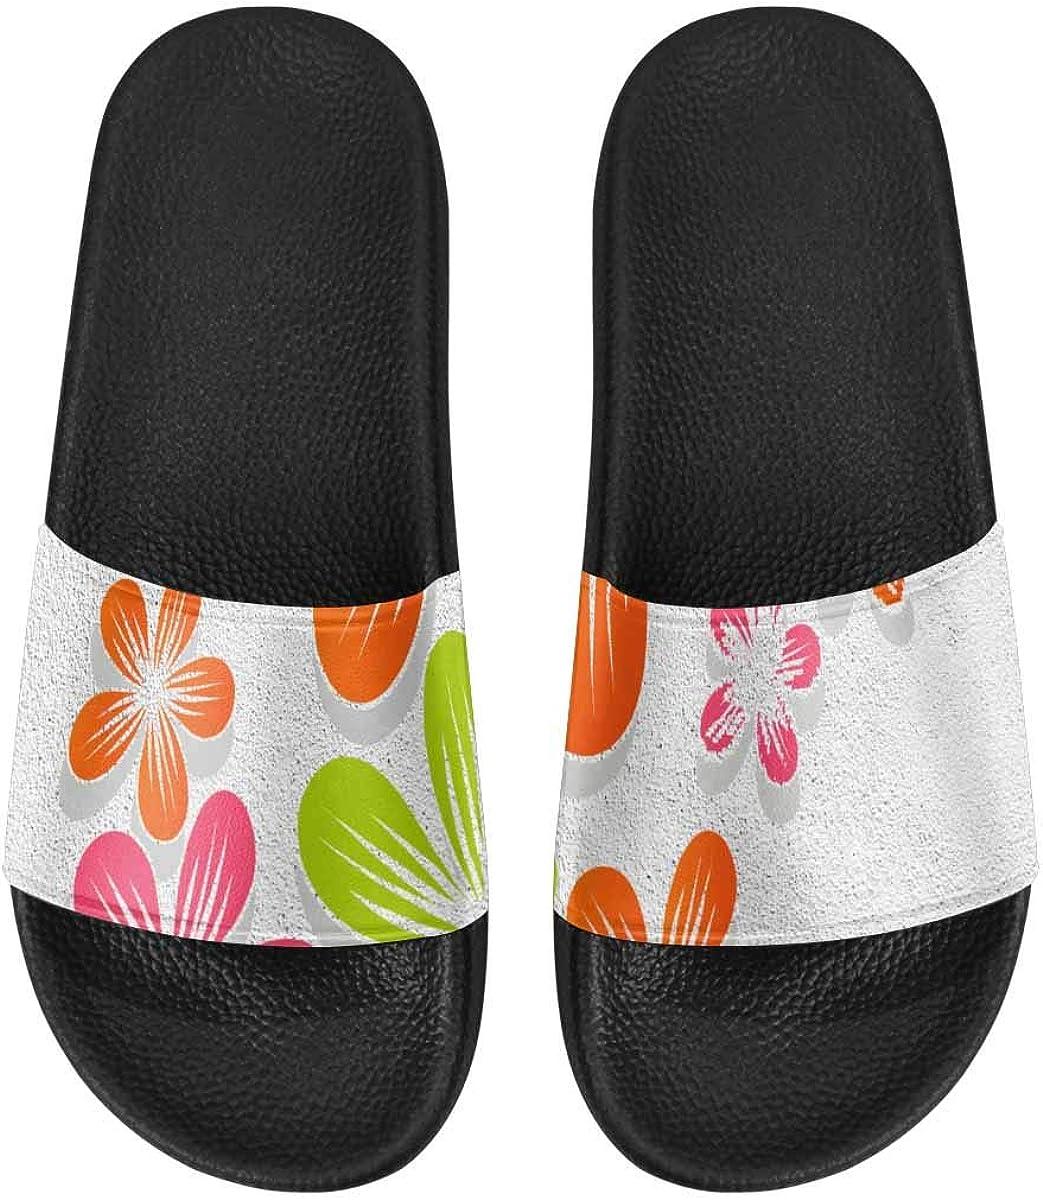 InterestPrint Women's Casual Slide Sandals for Indoor Outdoor Gold Floral